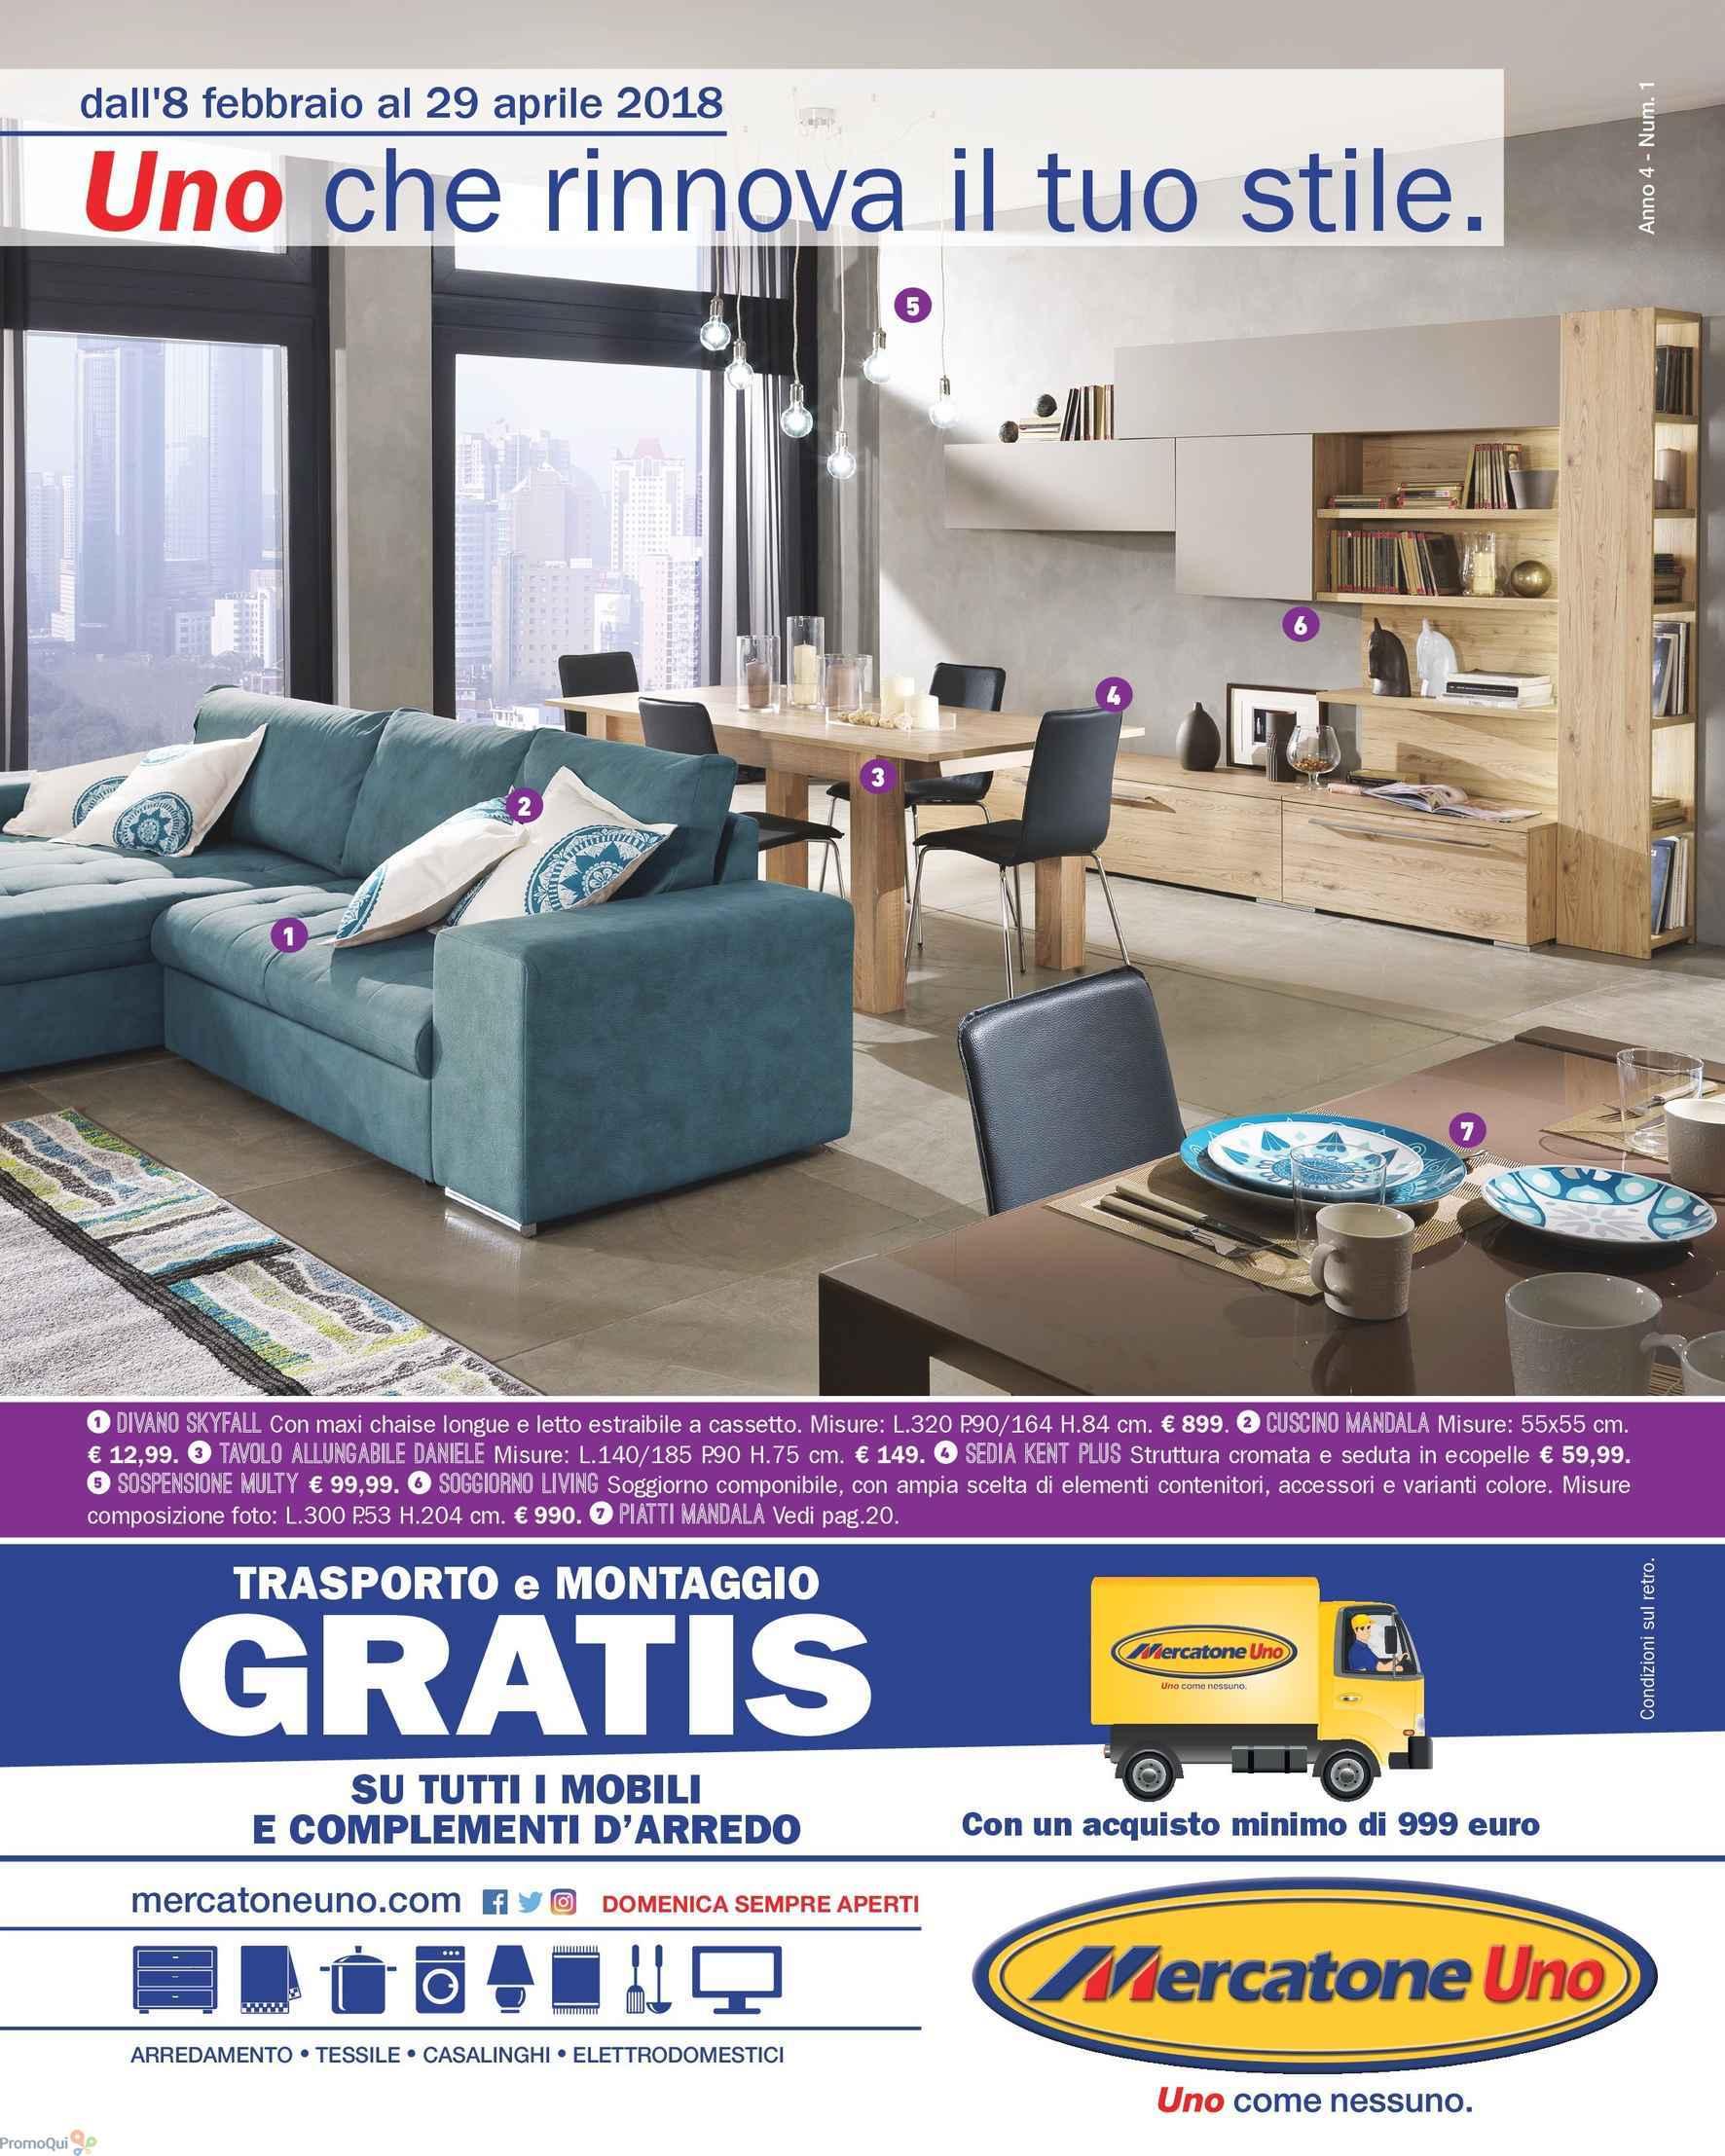 Mobili multiuso mercatone uno amazing fabbrica mobili zona giorno mobile multiuso ante finiture - Mobili multiuso mercatone uno ...